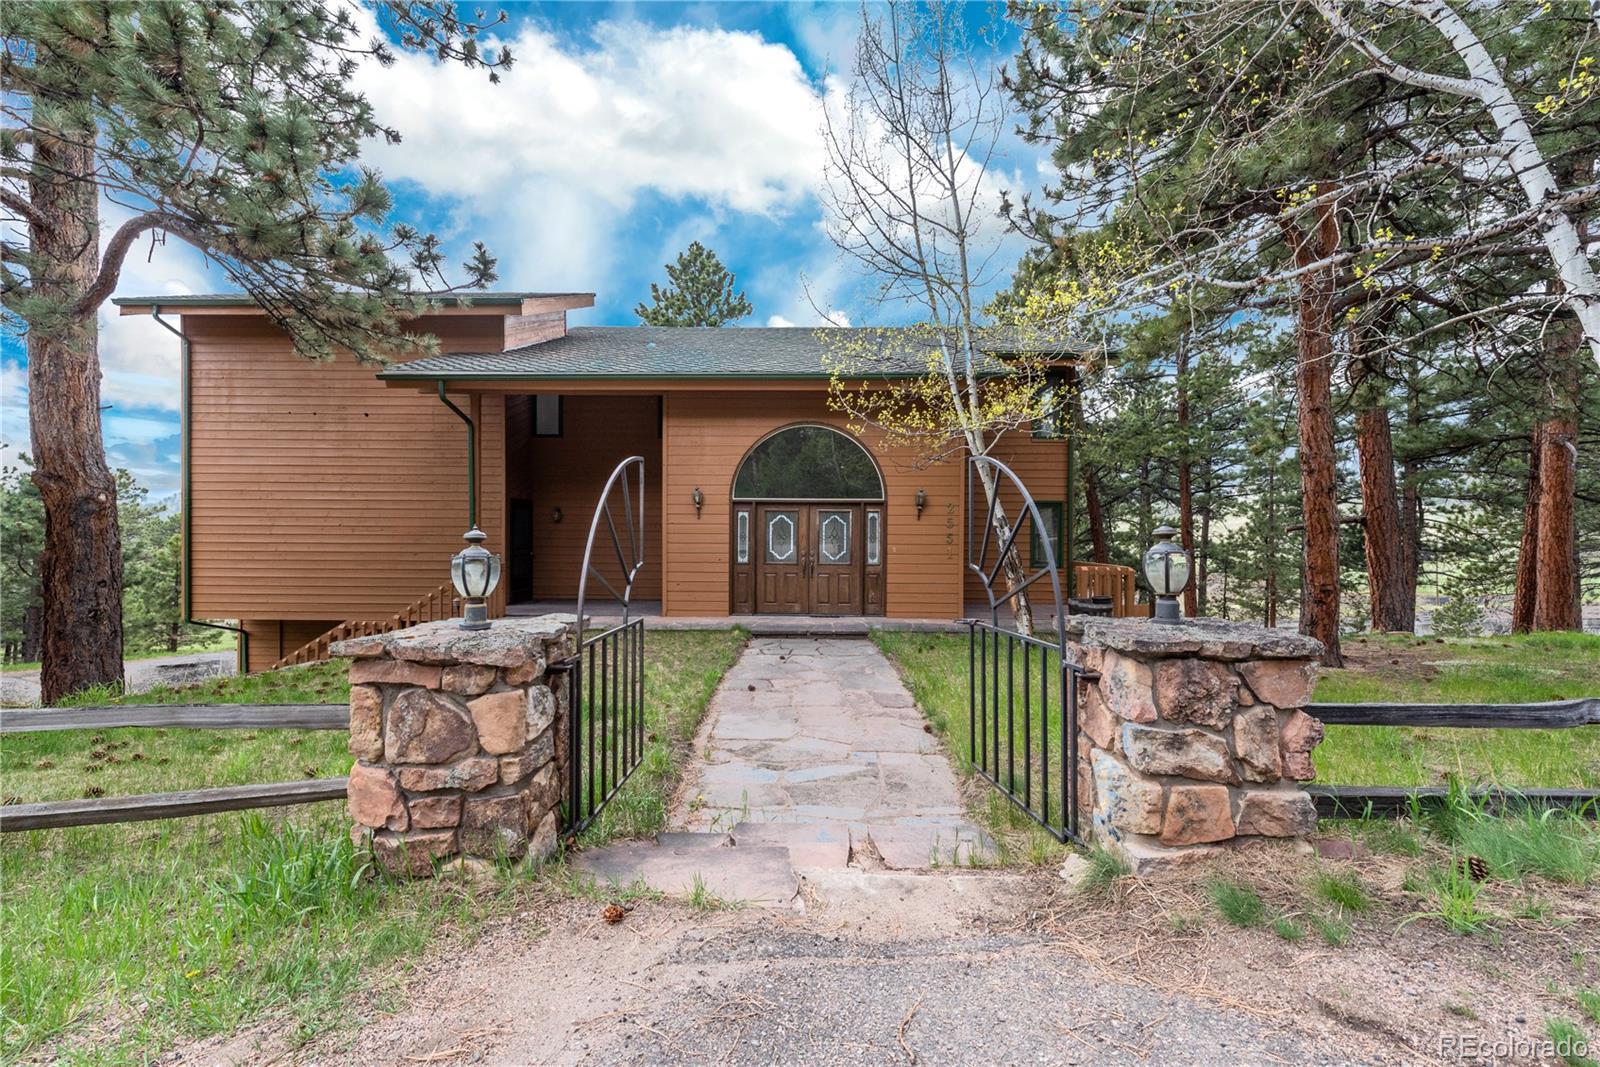 2551 Pinehurst Drive, Evergreen, CO 80439 - Evergreen, CO real estate listing